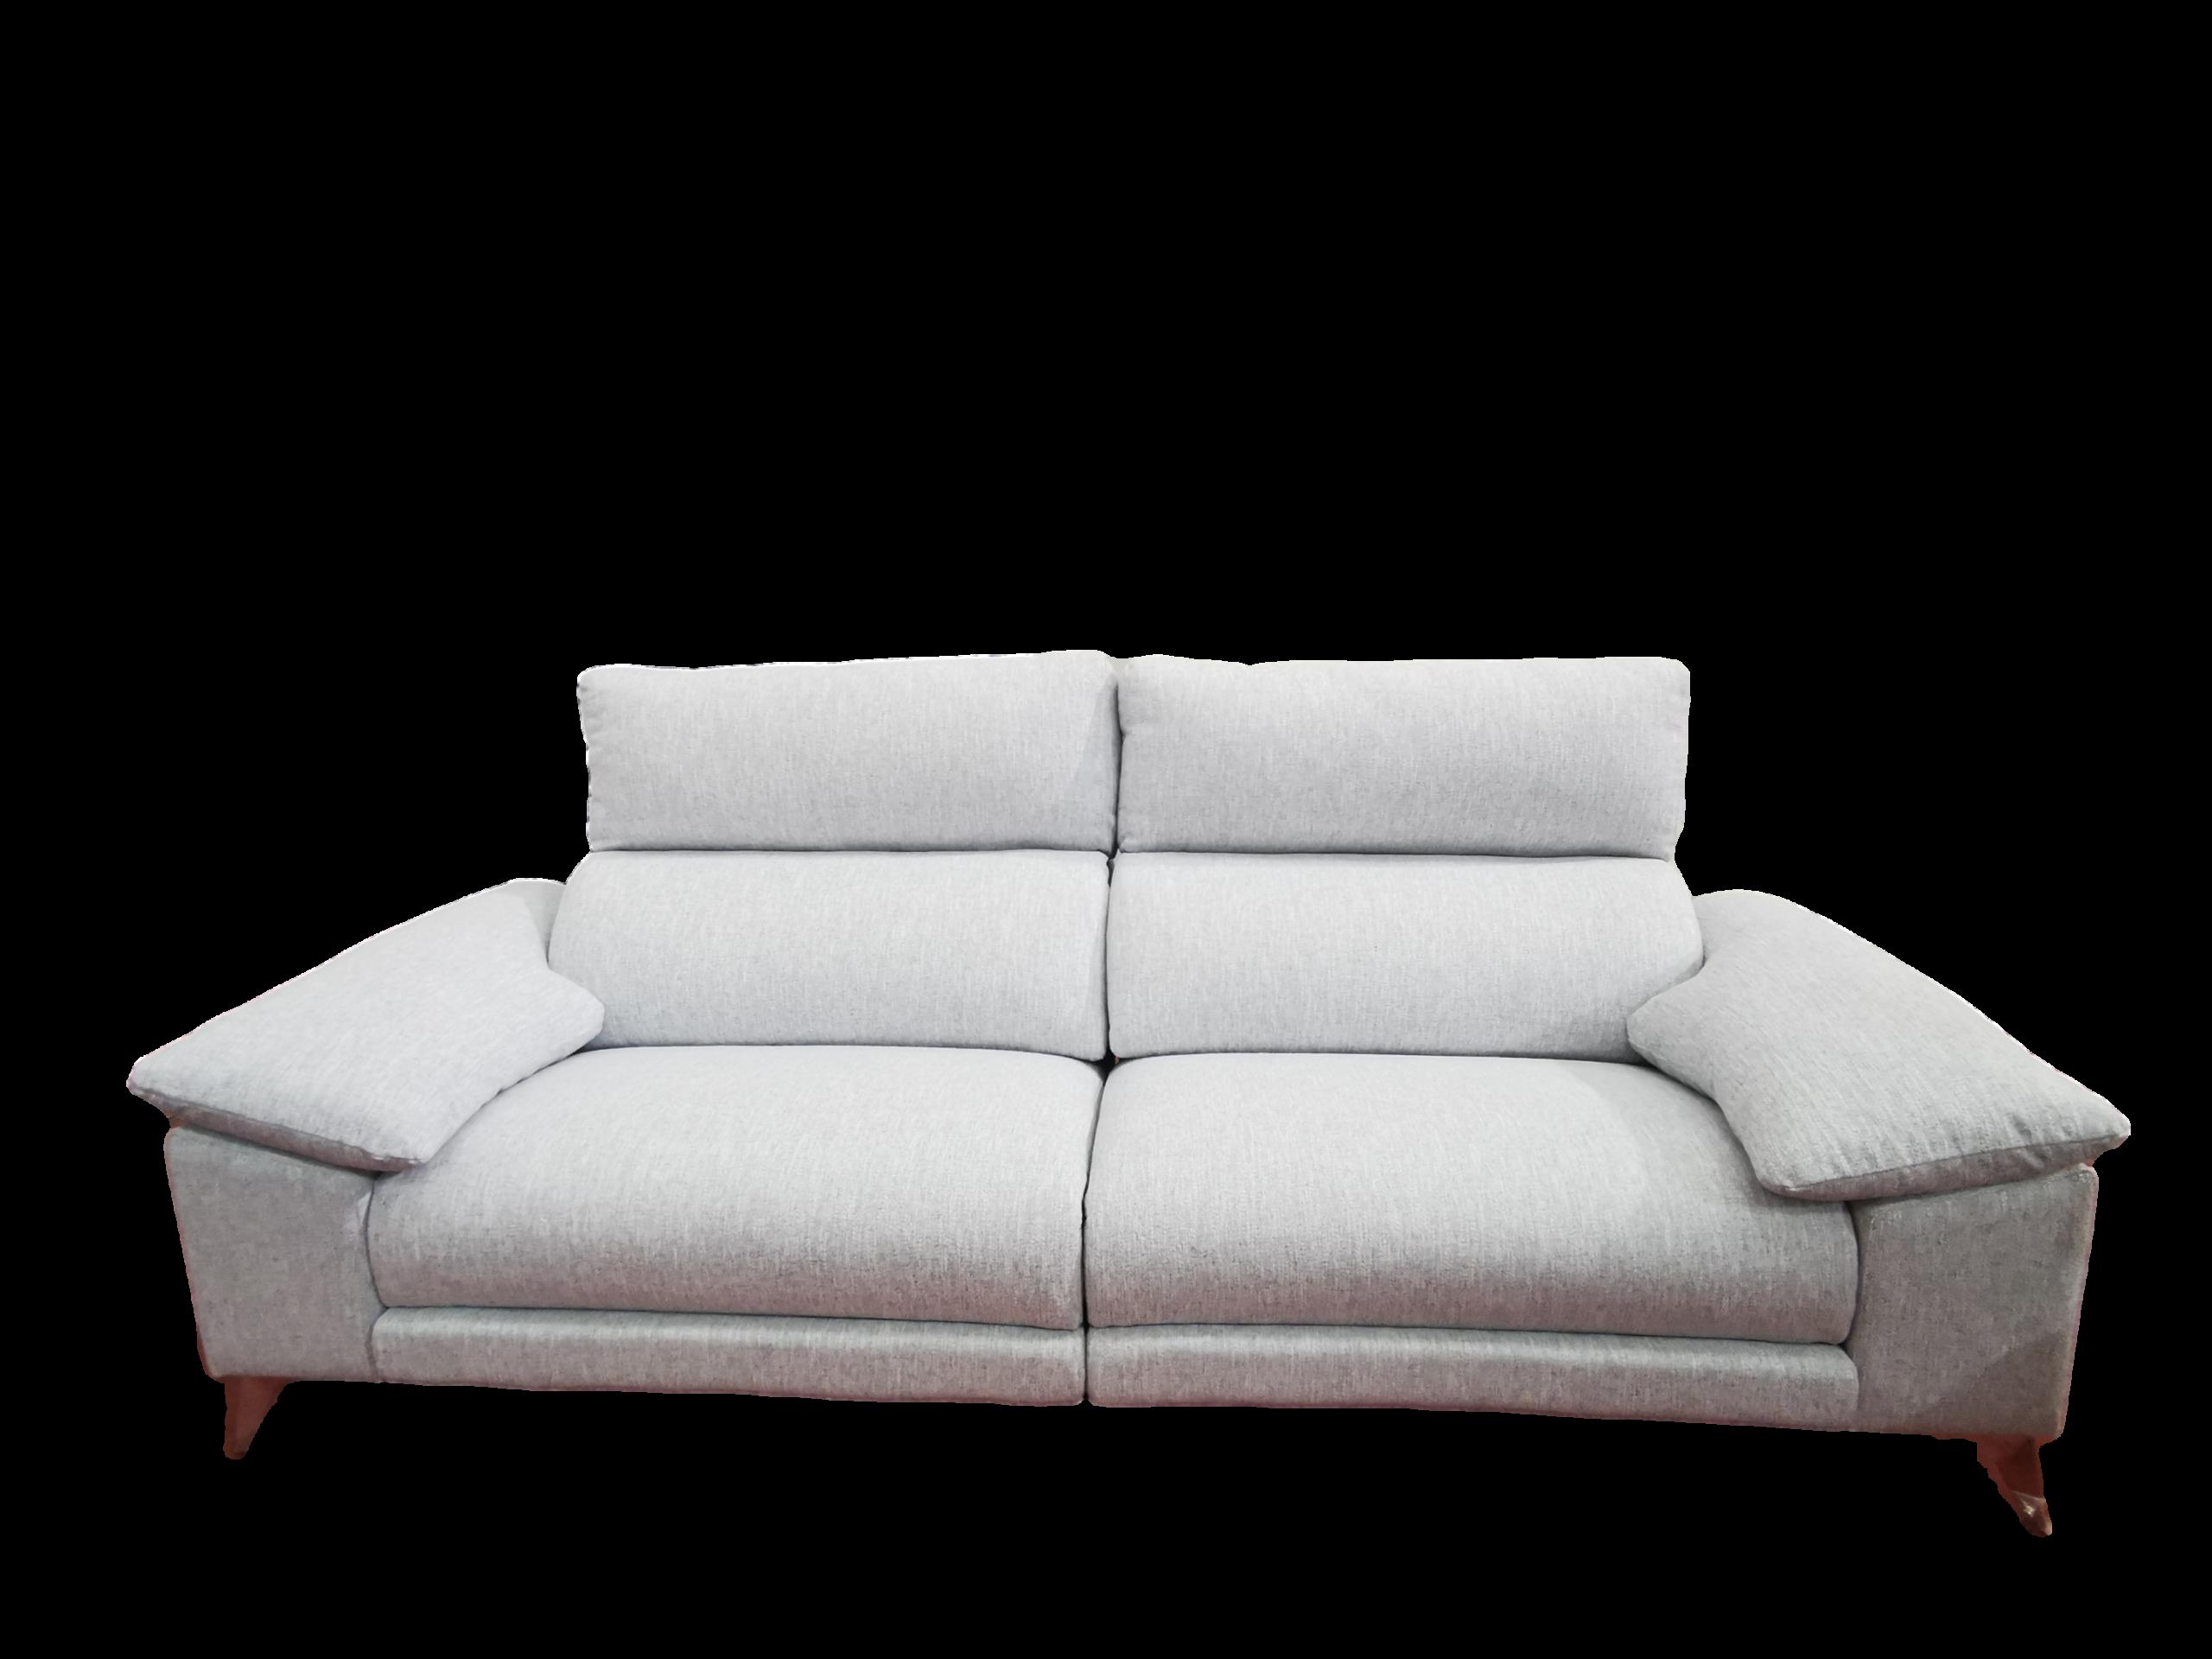 sofa-mod-slow-250-mt-2-motores-1-100e